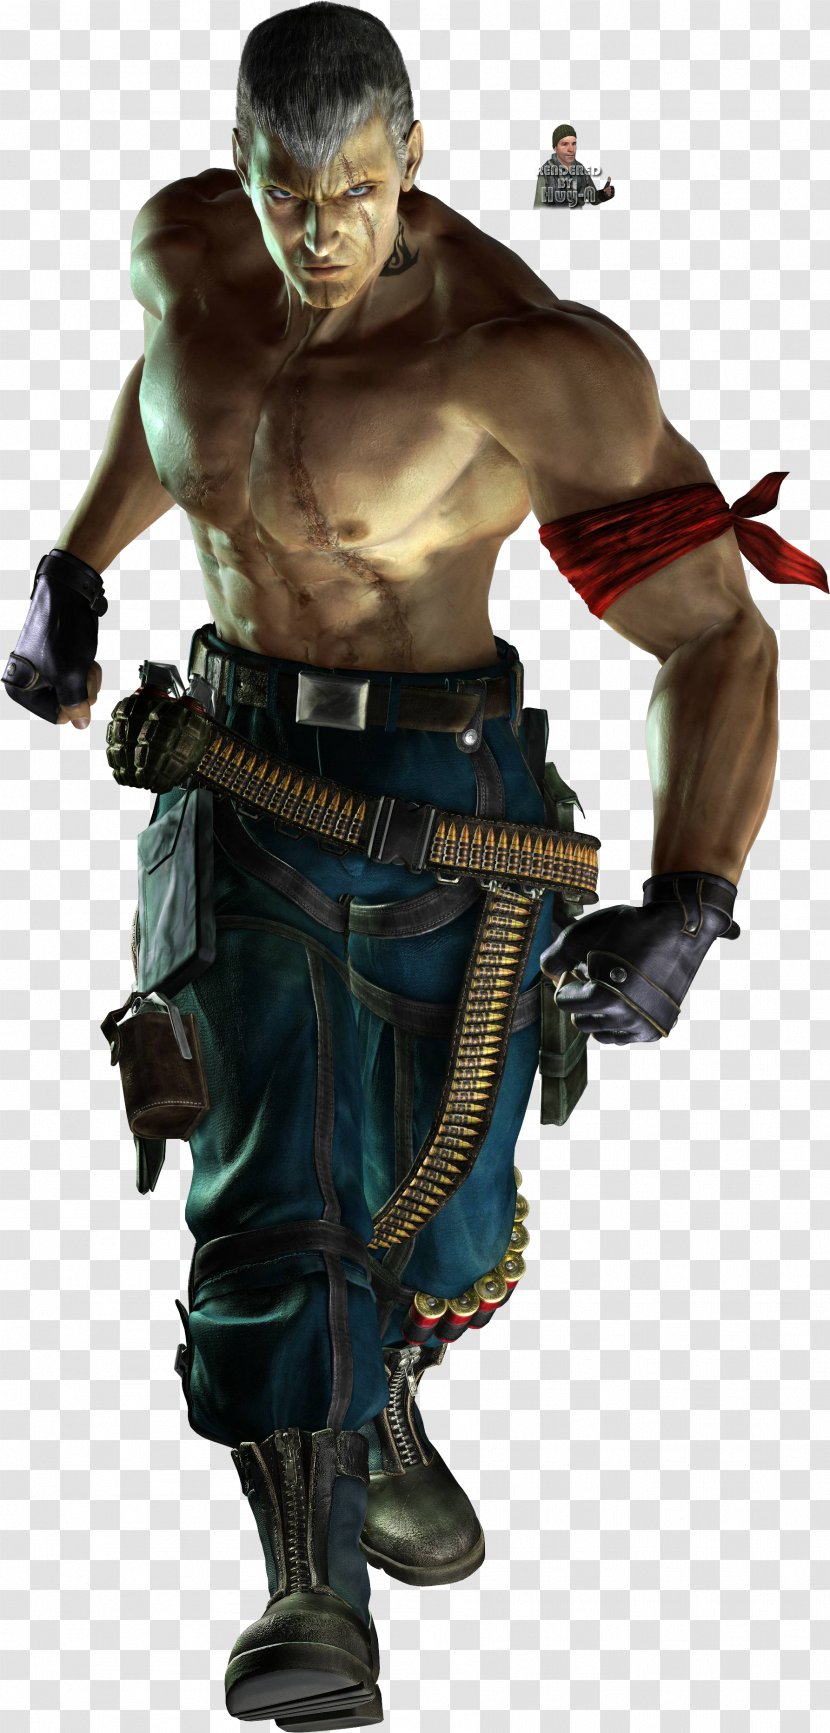 Tekken 5 Dark Resurrection 4 Bryan Fury Jin Kazama Transparent Png